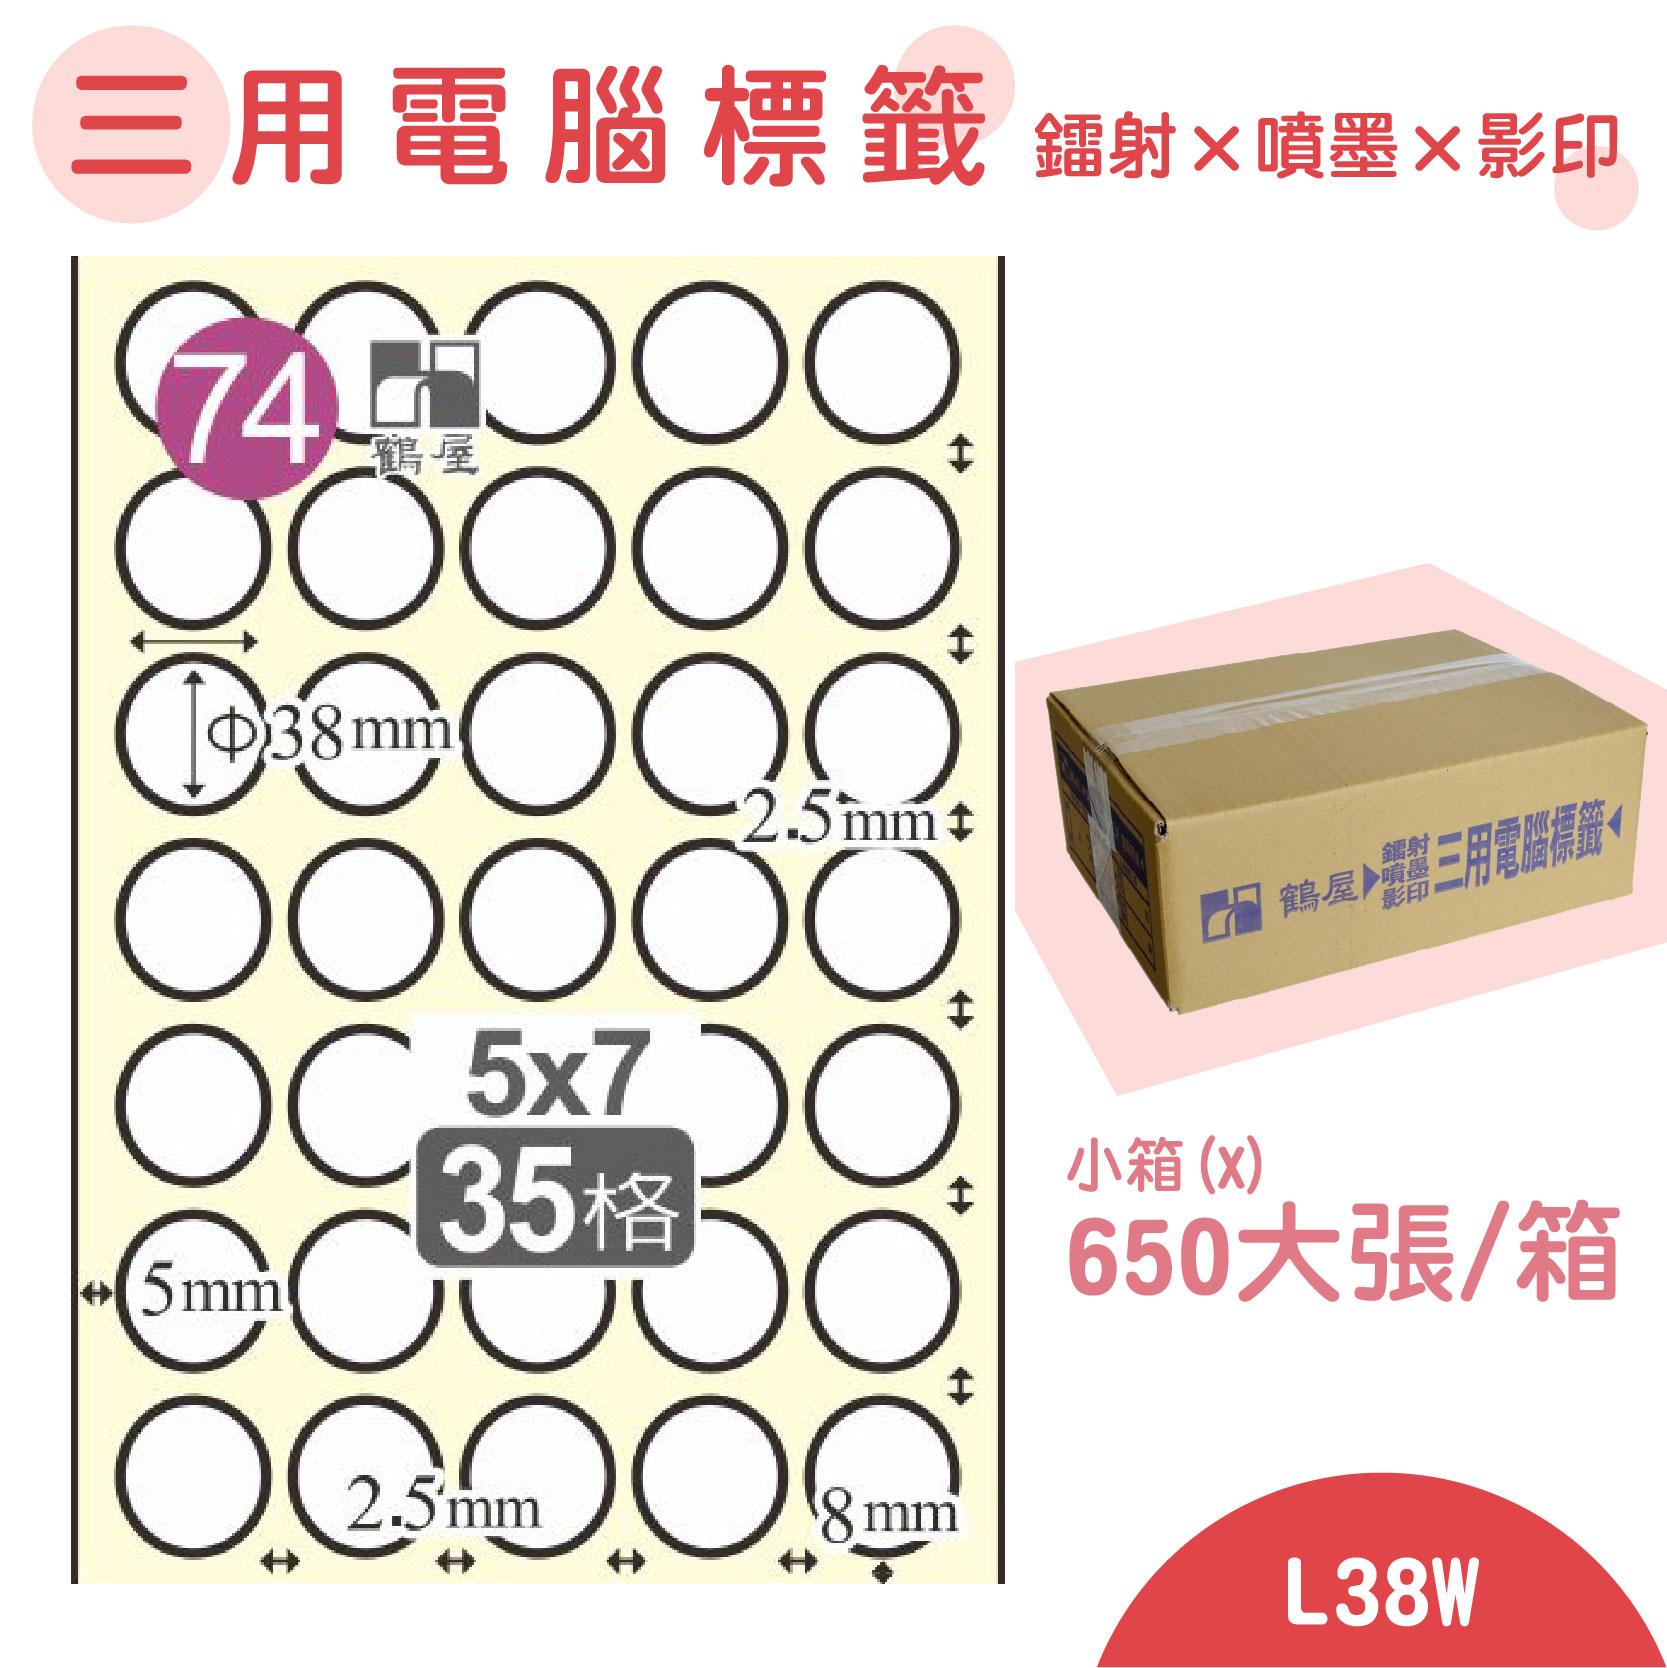 電腦標籤紙(鶴屋) 白色 L38W 35格 650大張/小箱 影印 雷射 噴墨 三用 標籤 貼紙 信封 光碟 名條